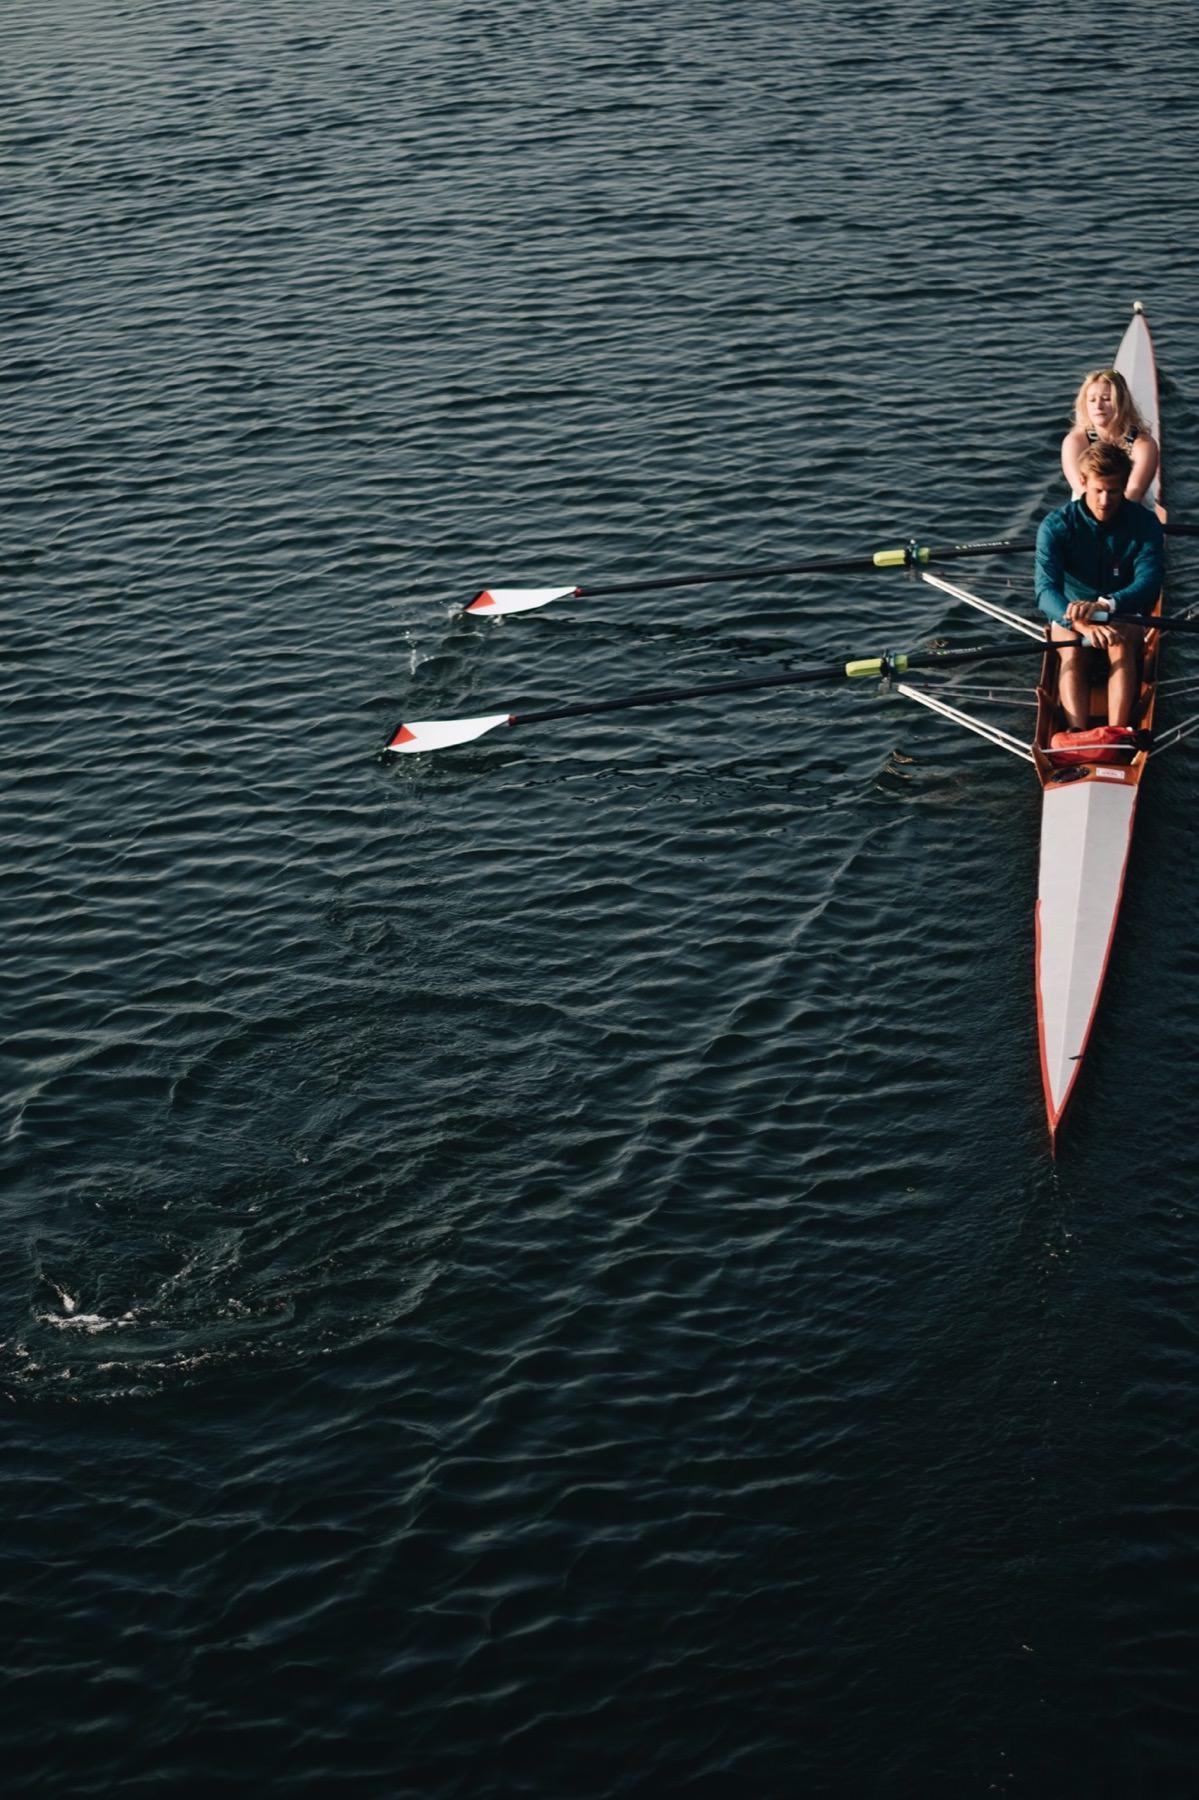 ROWTEX_Rowing_Julius_Hirtzberger4